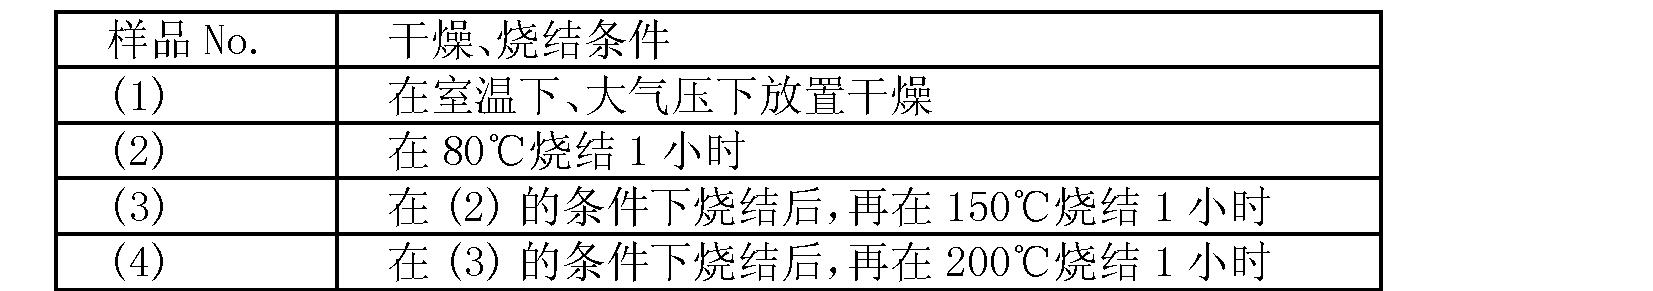 Figure CN101368006BD00261